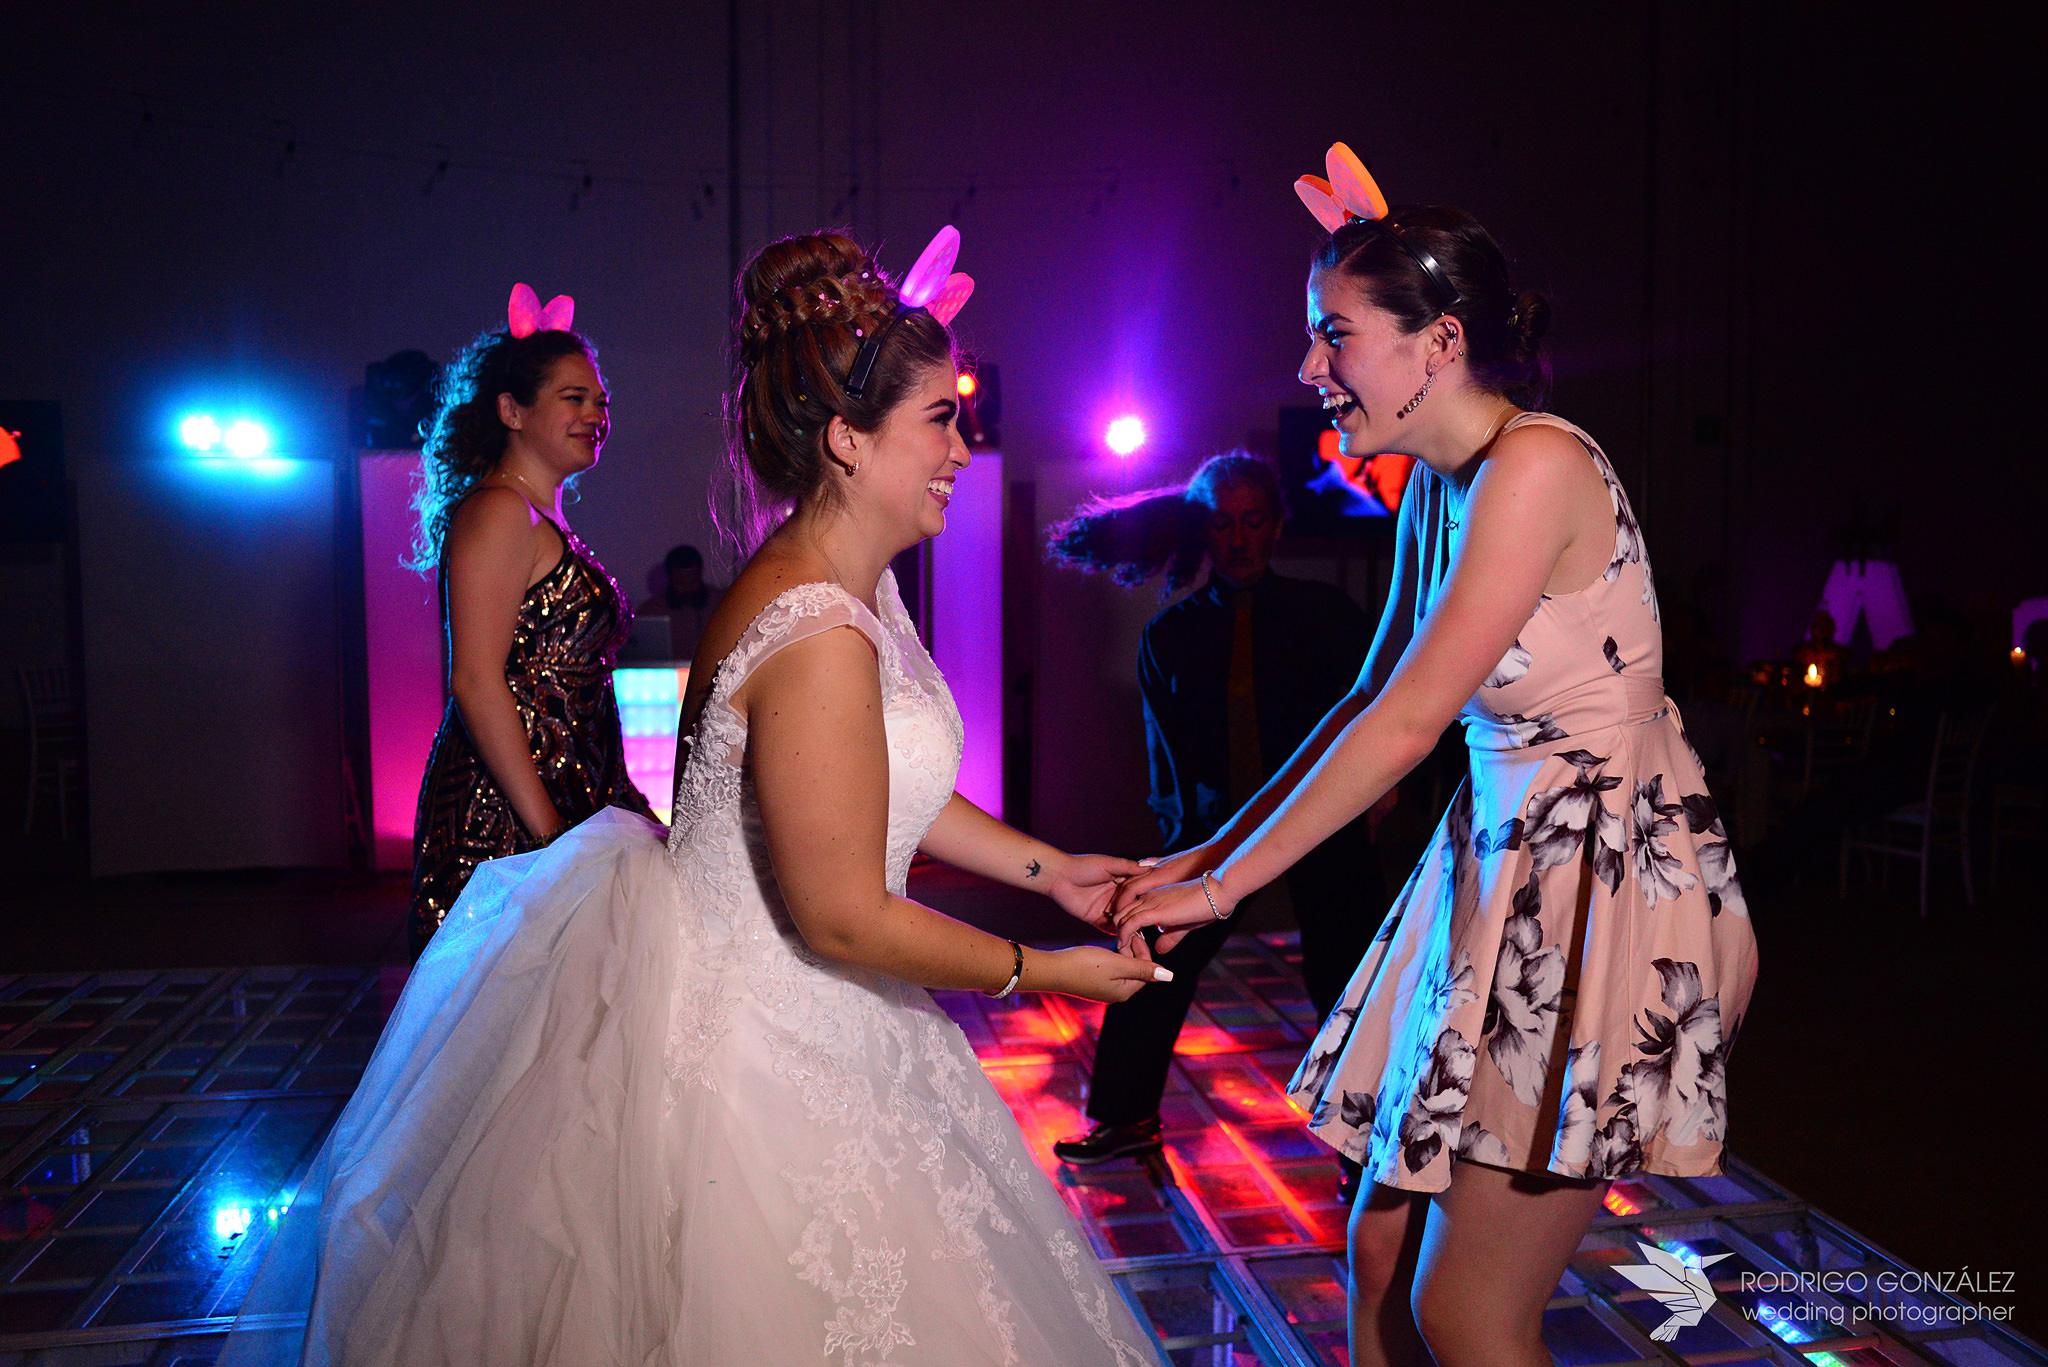 fotografos-de-bodas-en-puebla-1235